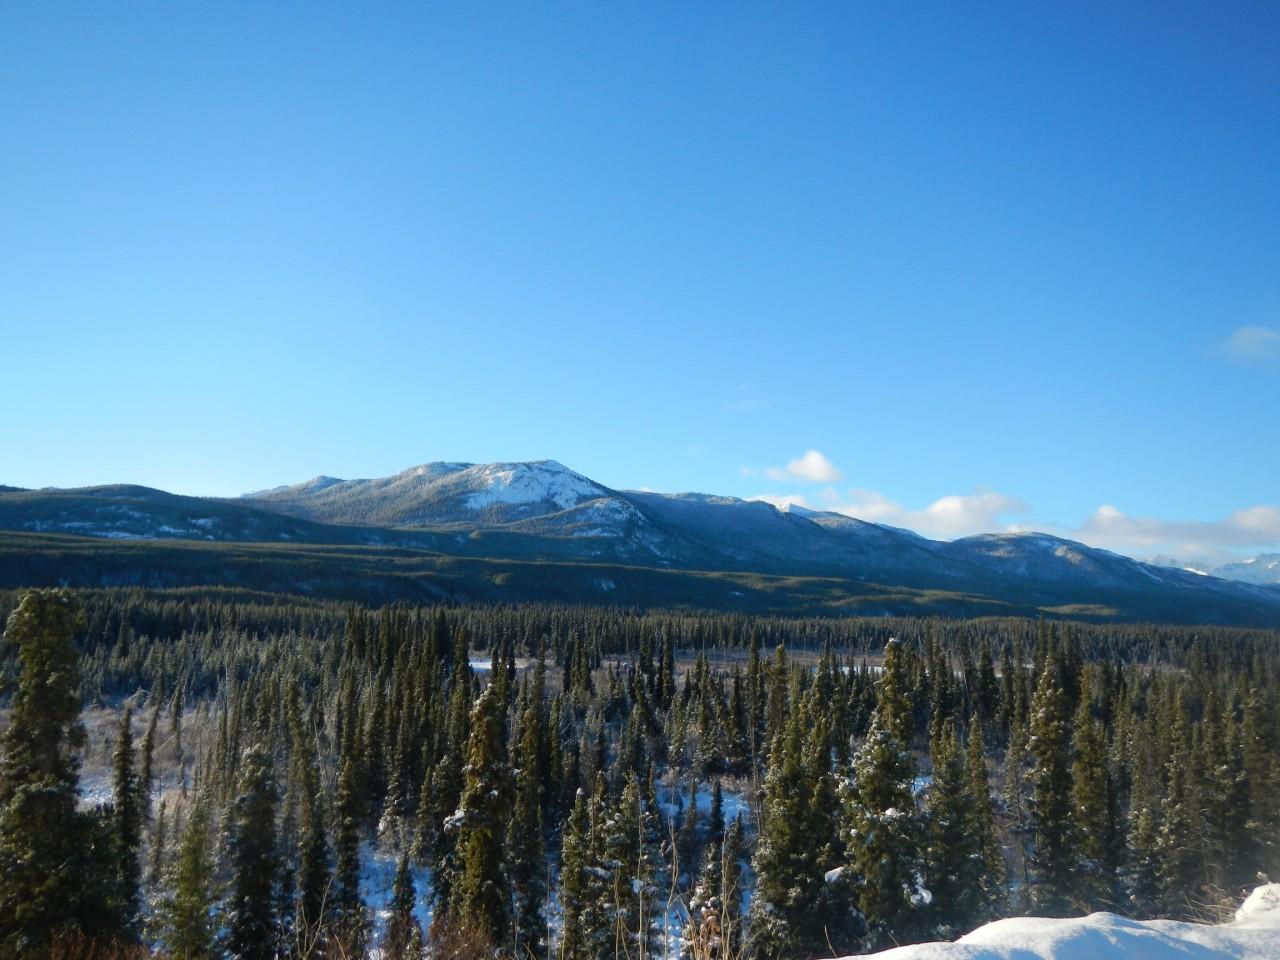 Alaska Canada Highway 14